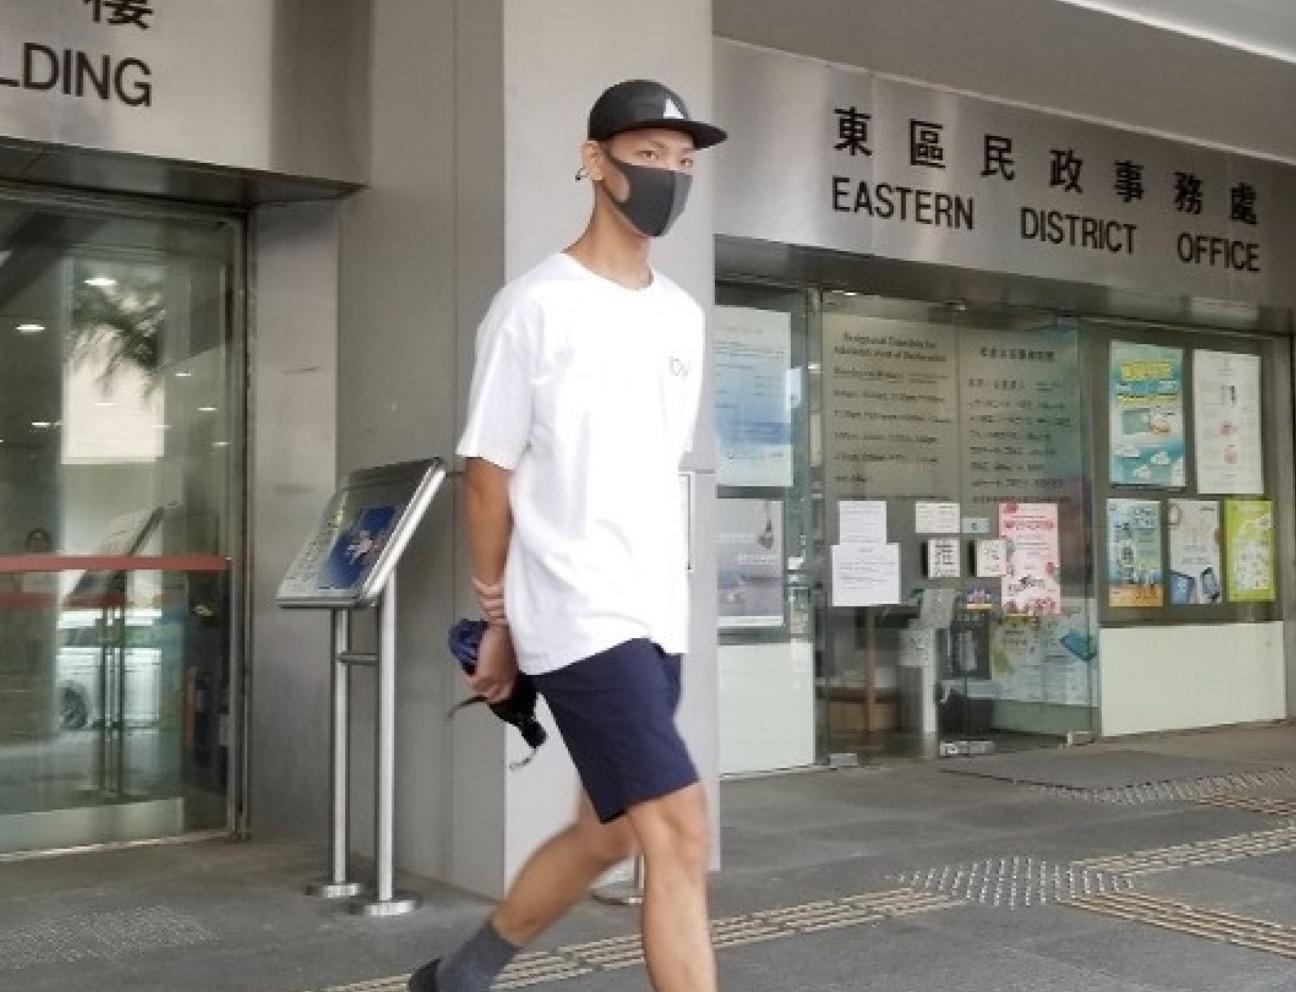 香港首名承认暴动的暴徒被判刑4年